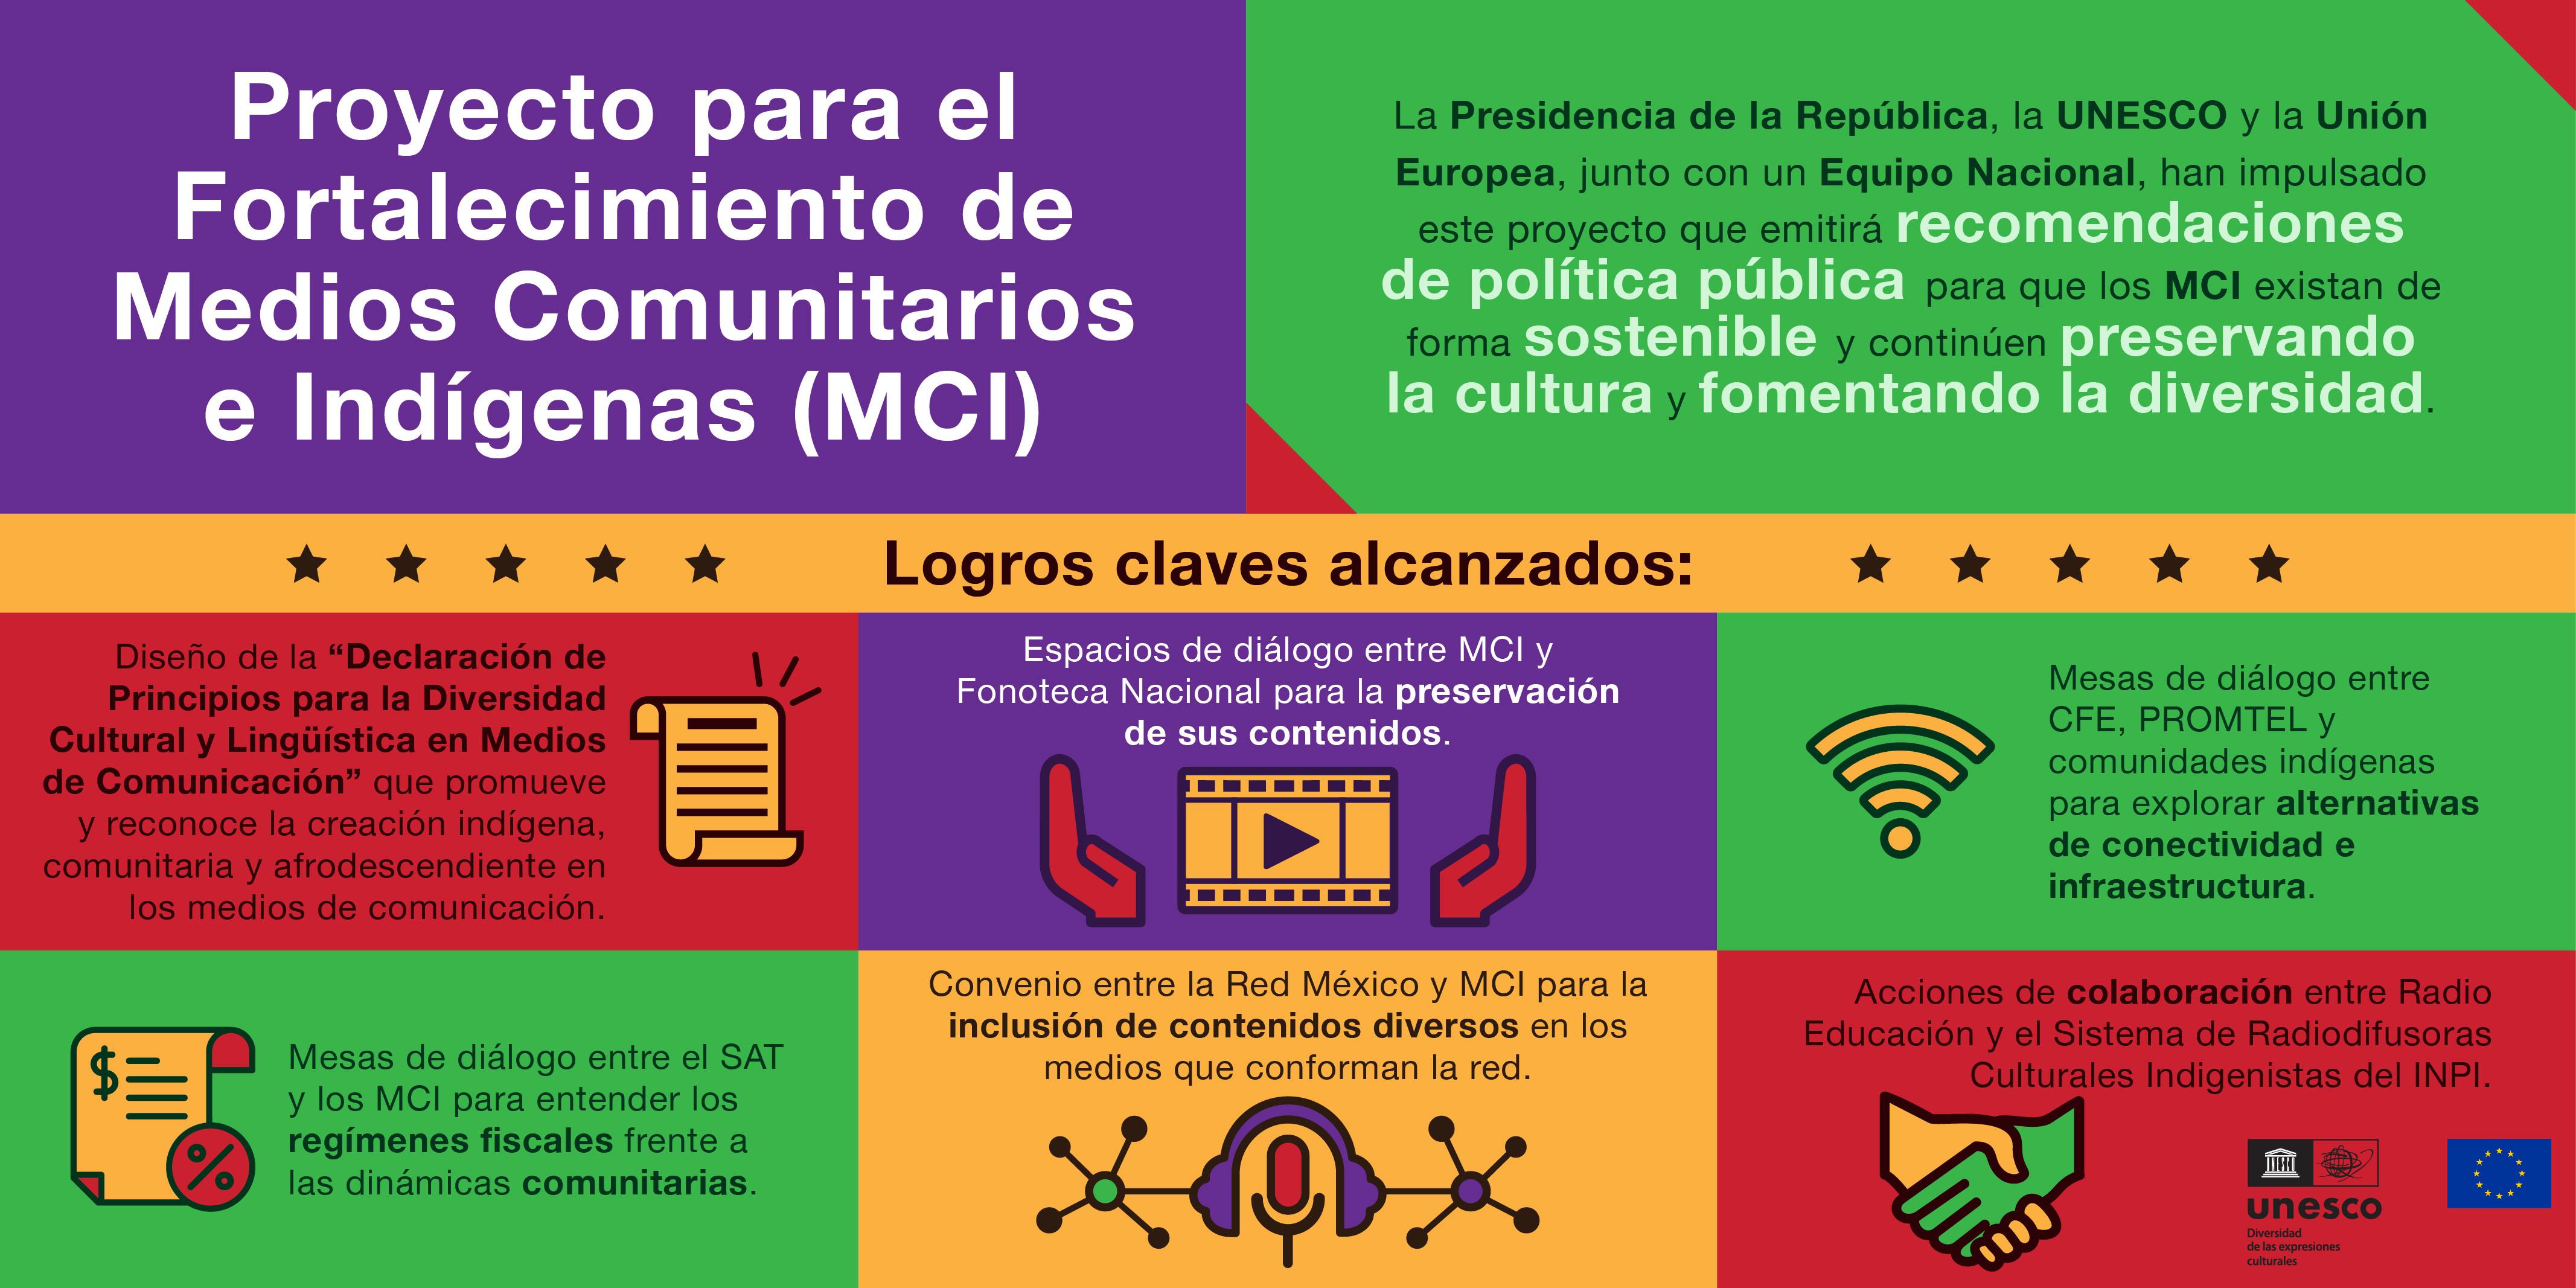 UNESCO destaca el papel de los Medios Comunitarios e Indígenas como industrias culturales y creativas